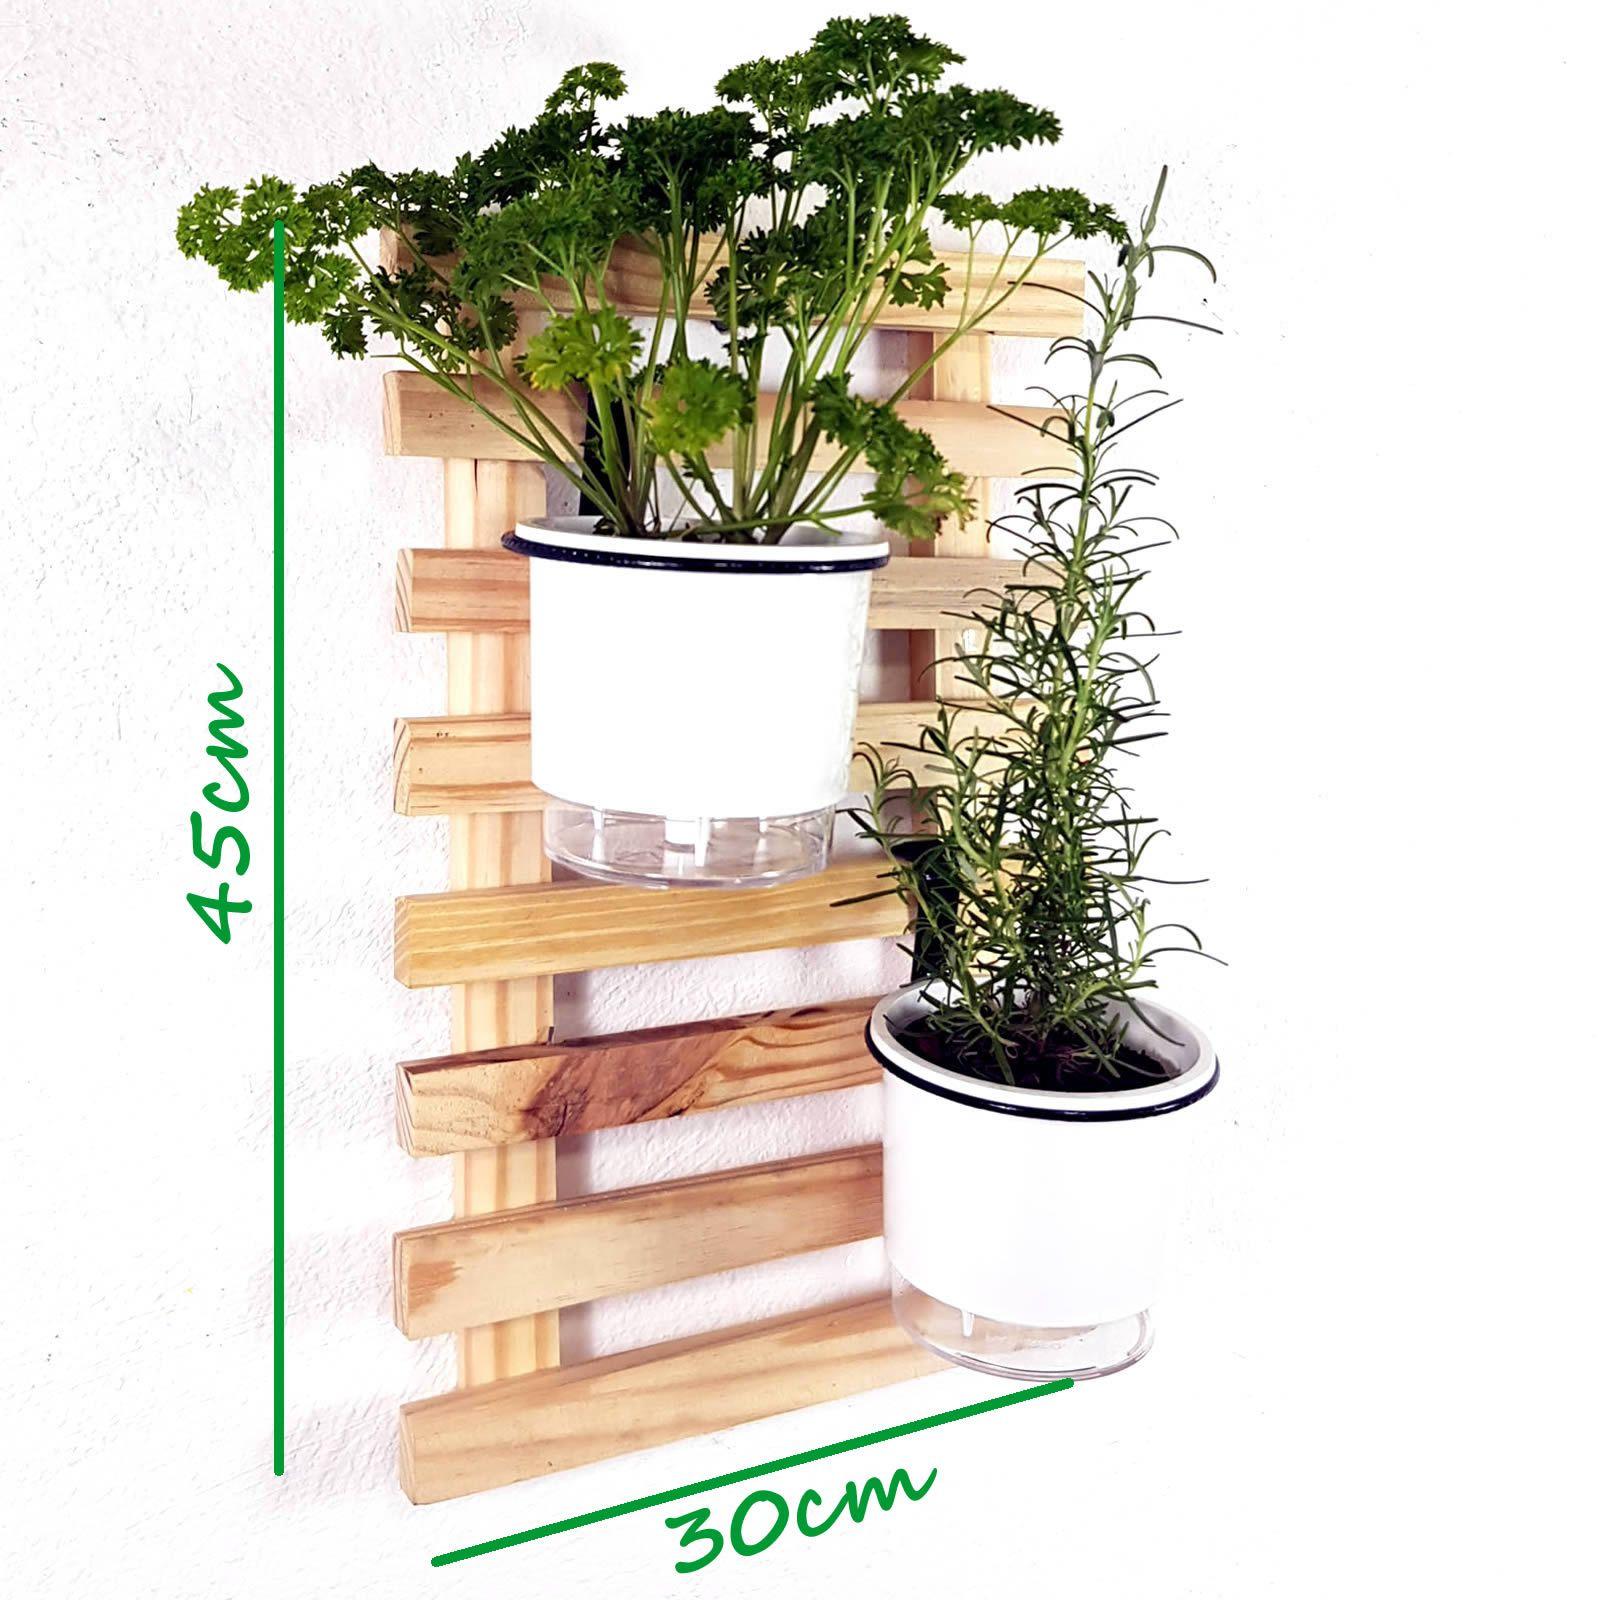 Horta Vertical Natural 45x30cm Minizinha com 2 suportes e 2 Vasos Auto Irrigáveis Brancos